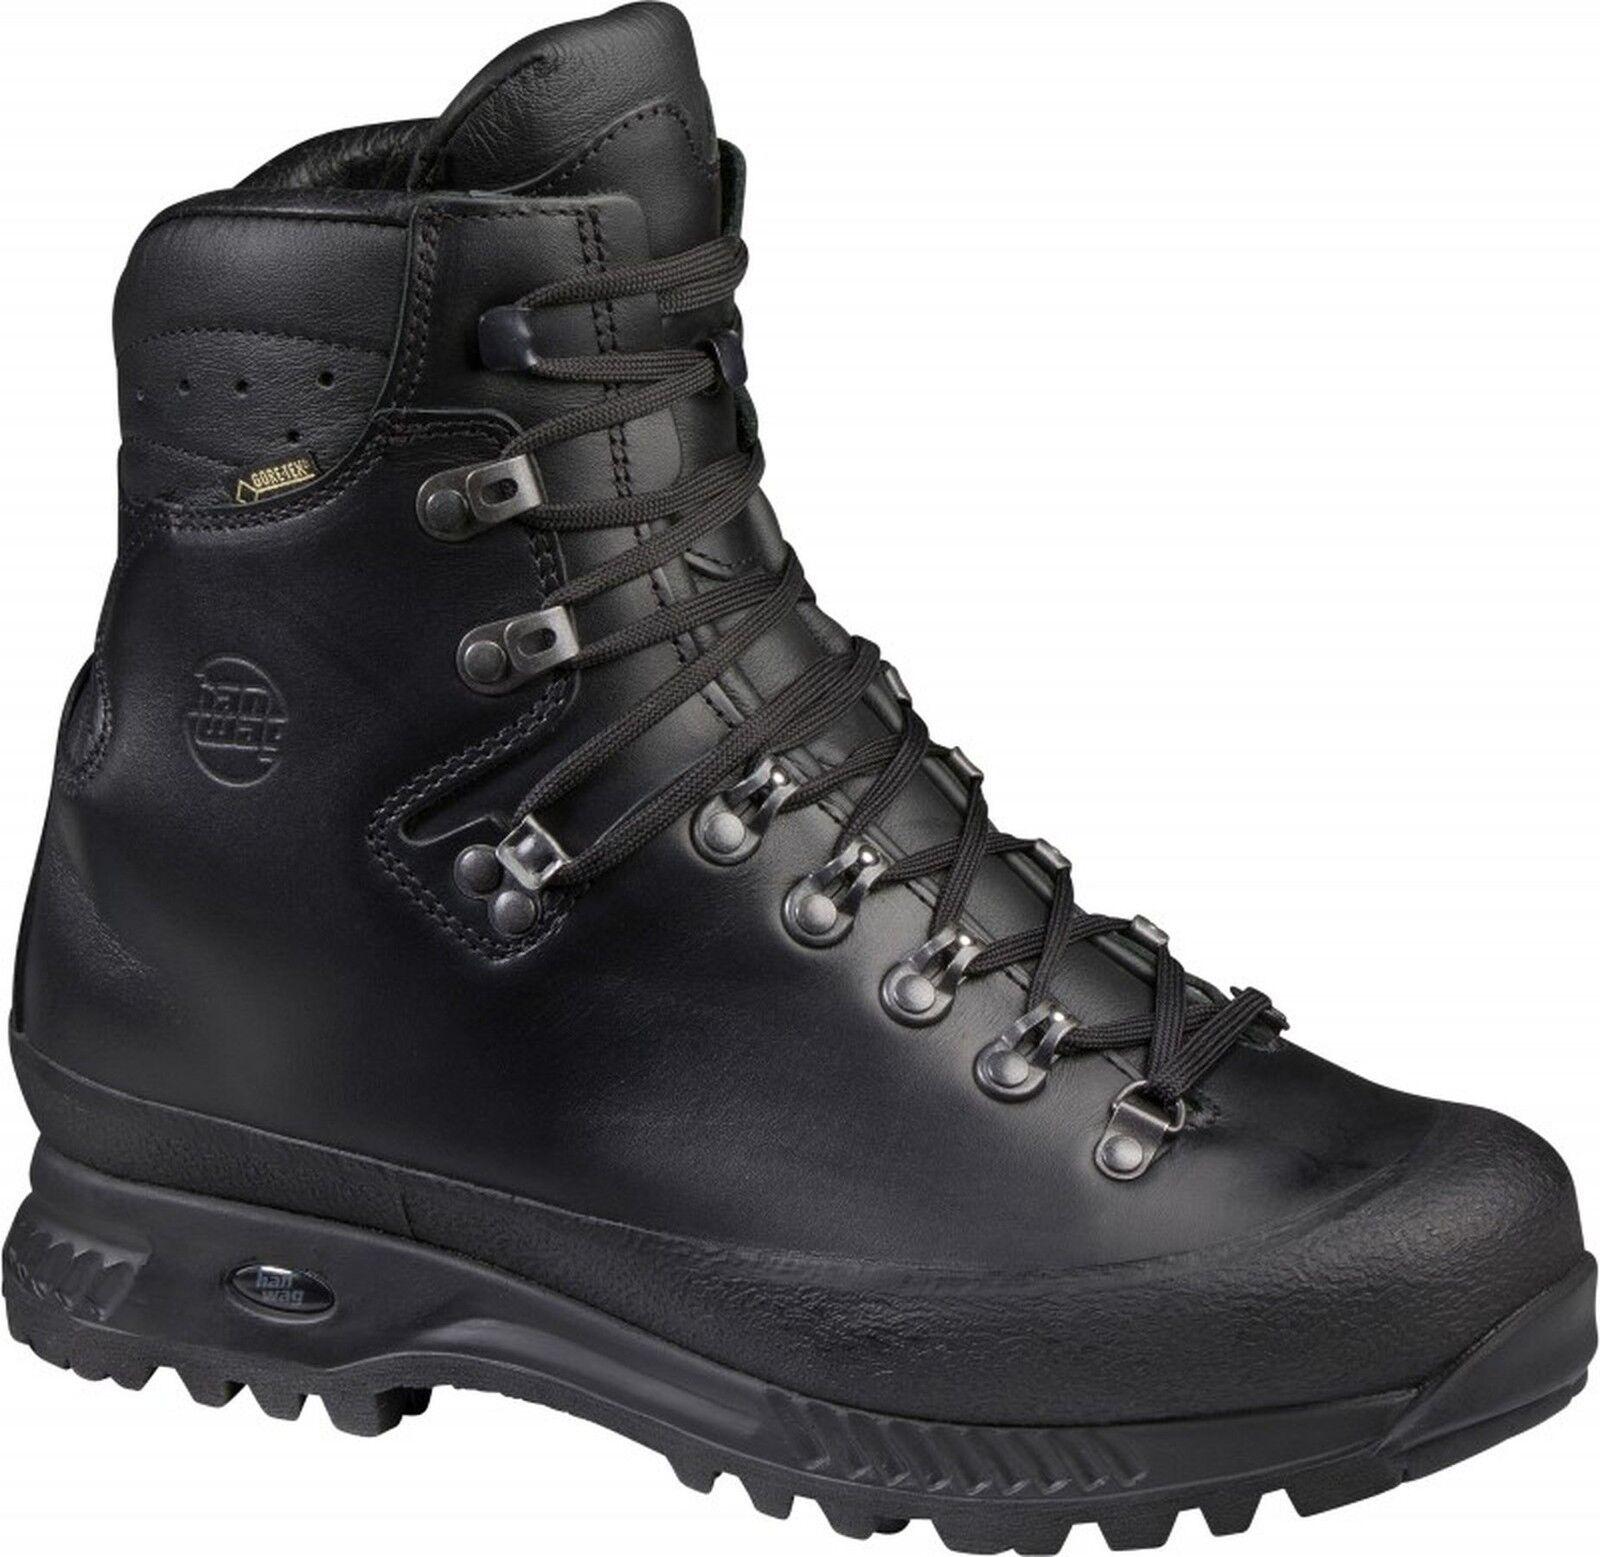 Hanwag trekking  botas Alaska Wide GTX barras más ancho talla 10,5 - 45 negro  grandes precios de descuento